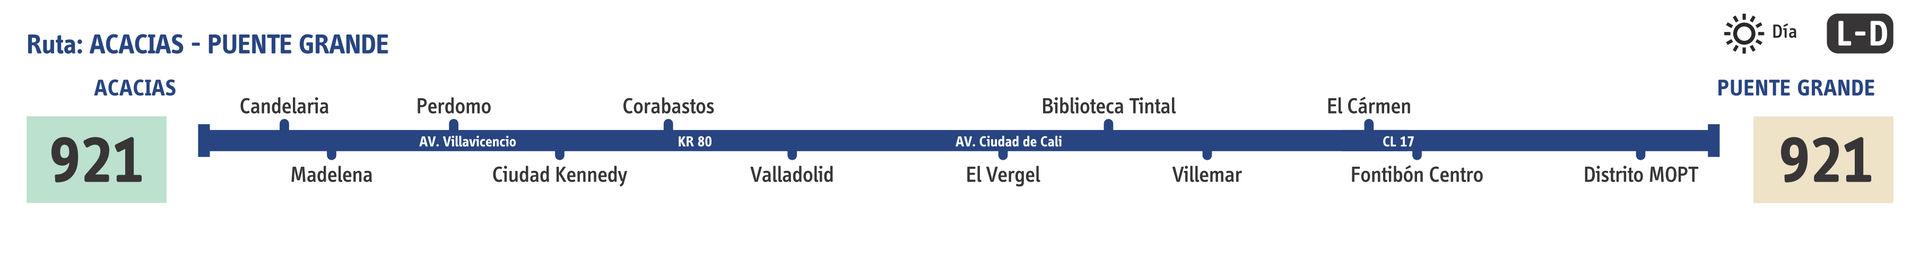 Ruta SITP: 921 Las Acacias ↔ Puente Grande [Urbana] 3